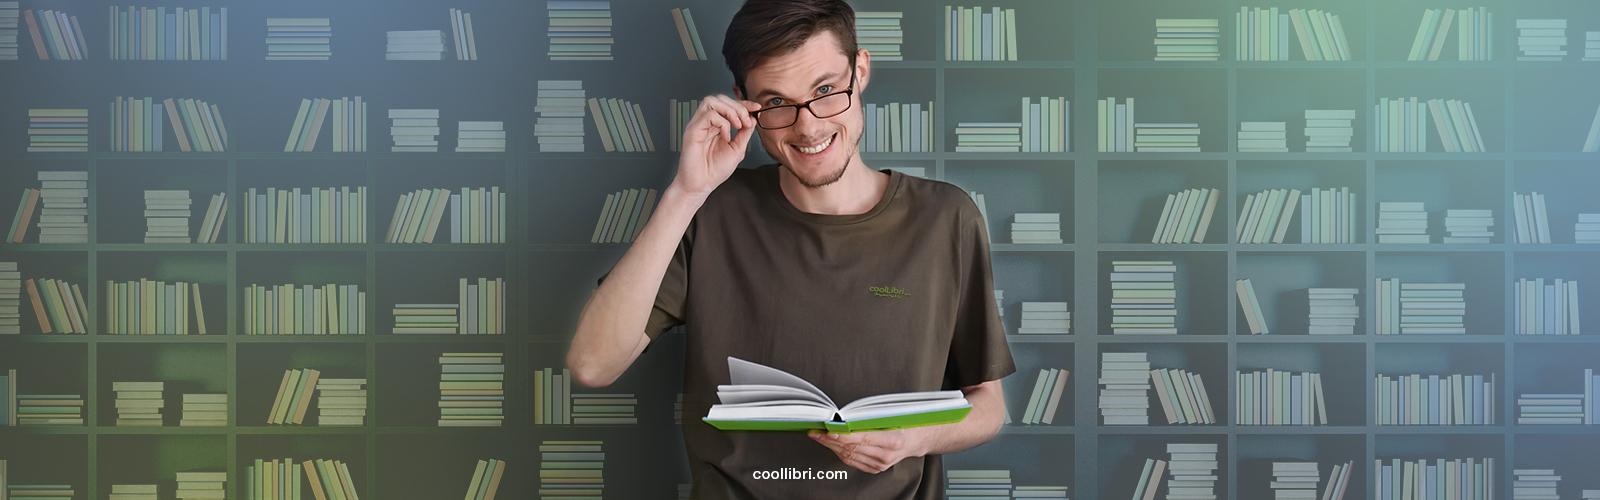 Edition : Où Et Comment Publier Son Livre Gratuitement ? avec Imprimer Un Livre Gratuitement